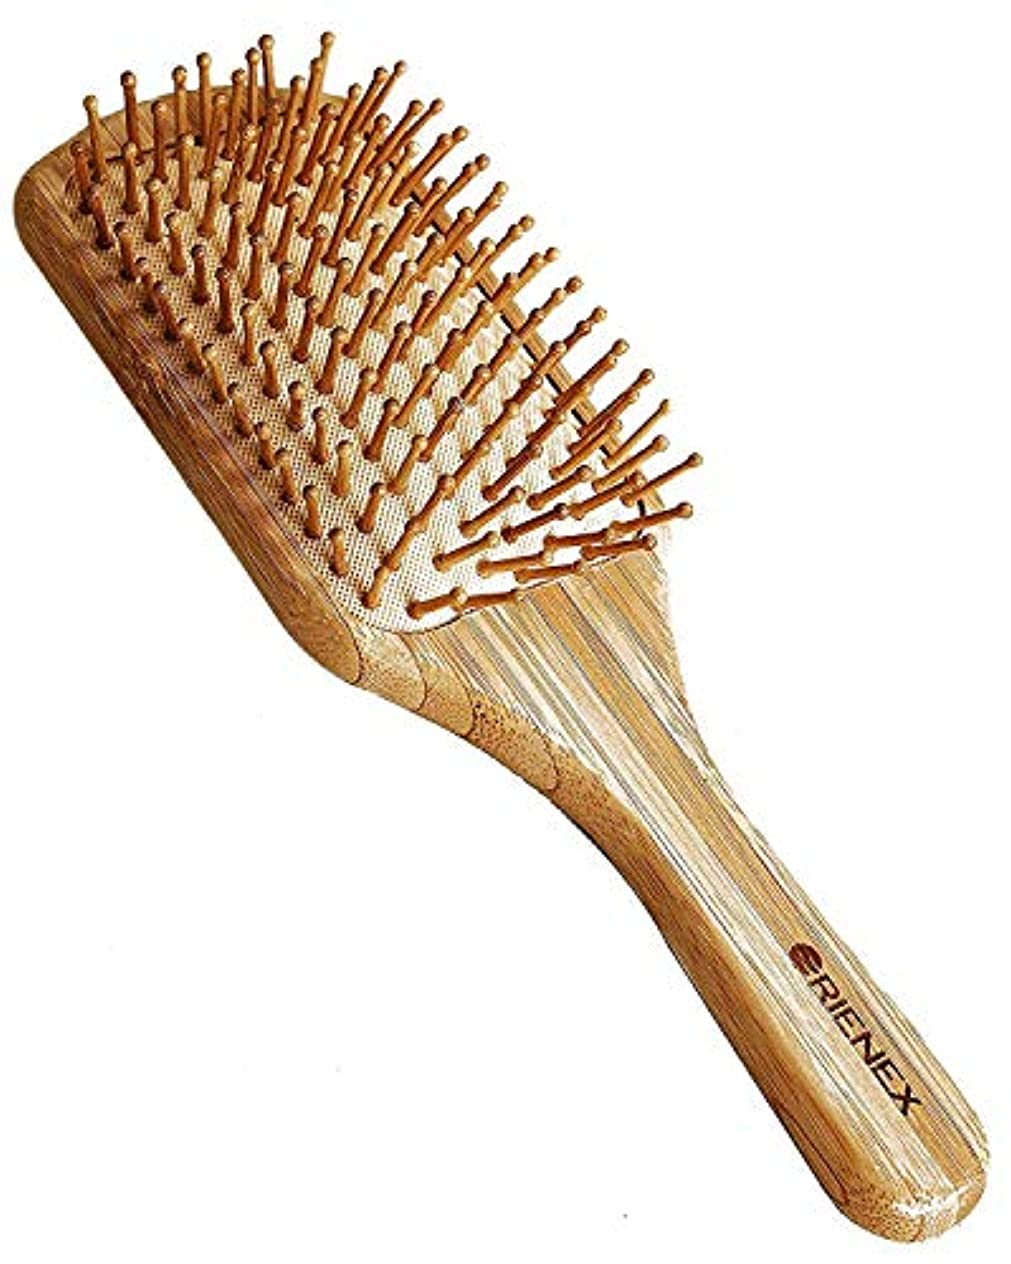 賠償傘観客Orienex ヘアブラシ 木製櫛 美髪ケア 頭皮&肩&顔マッサージ(大)